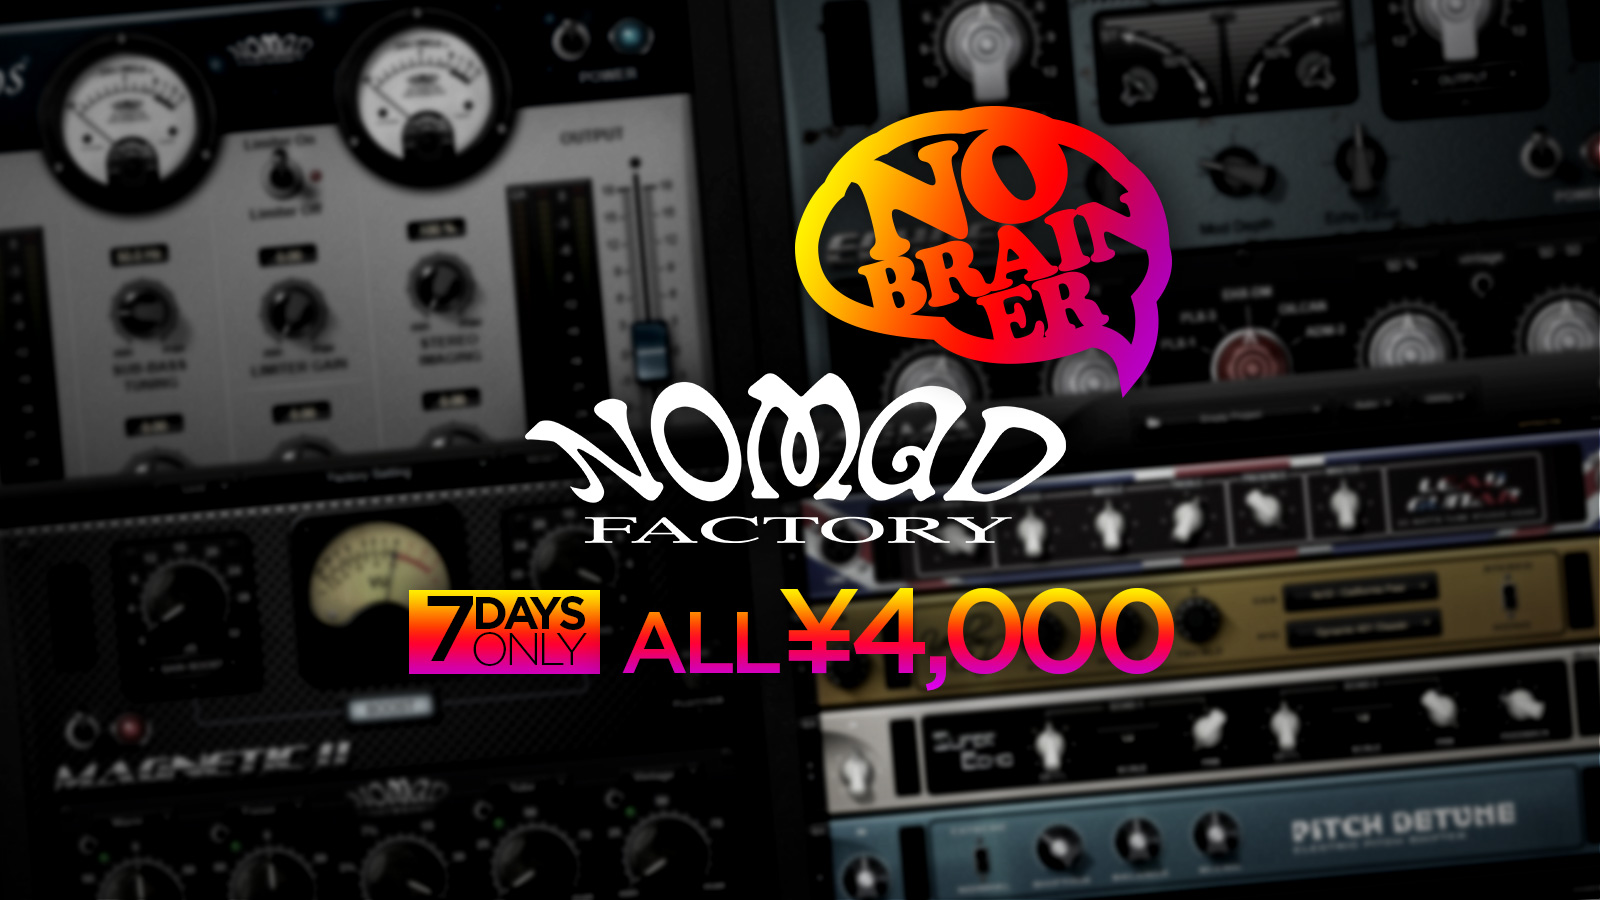 Nomad Factory ノーブレイナー プロモーション